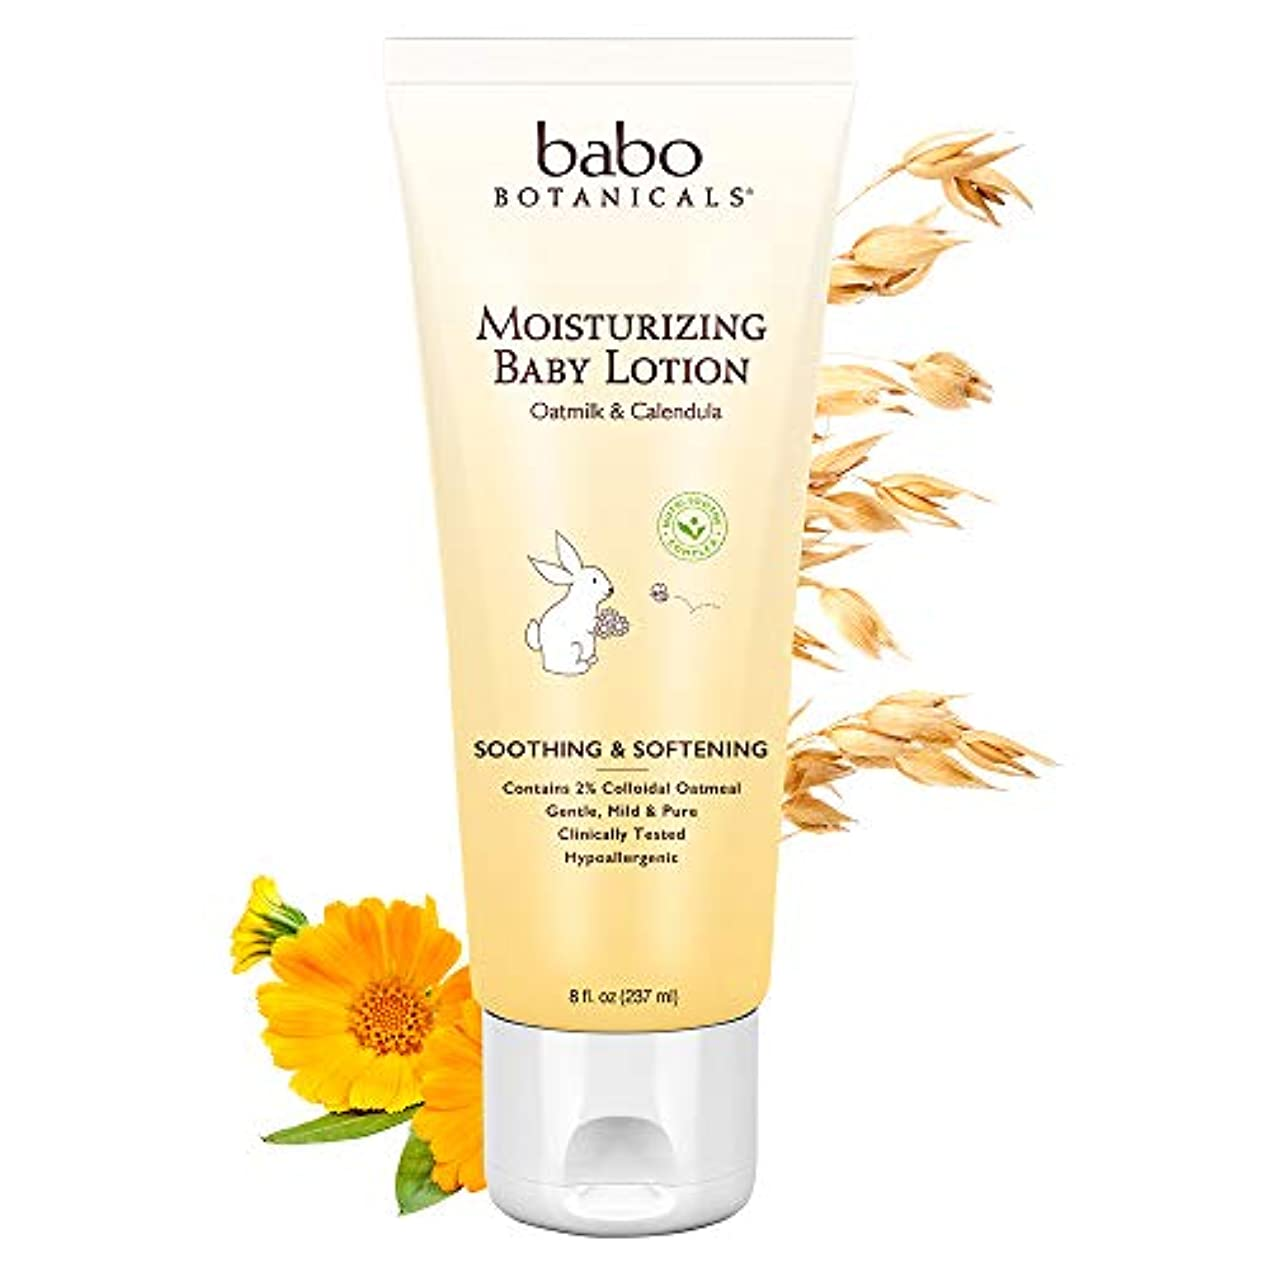 小石陰気クリップBabo Botanicals Oatmilkカレンデュラ保湿ベビーローション、 - スージング敏感肌のためのベストのベビーローション。アトピー性皮膚炎を和らげるのに役立ちます。ナチュラルオーツとオーガニックカレンデュラ...